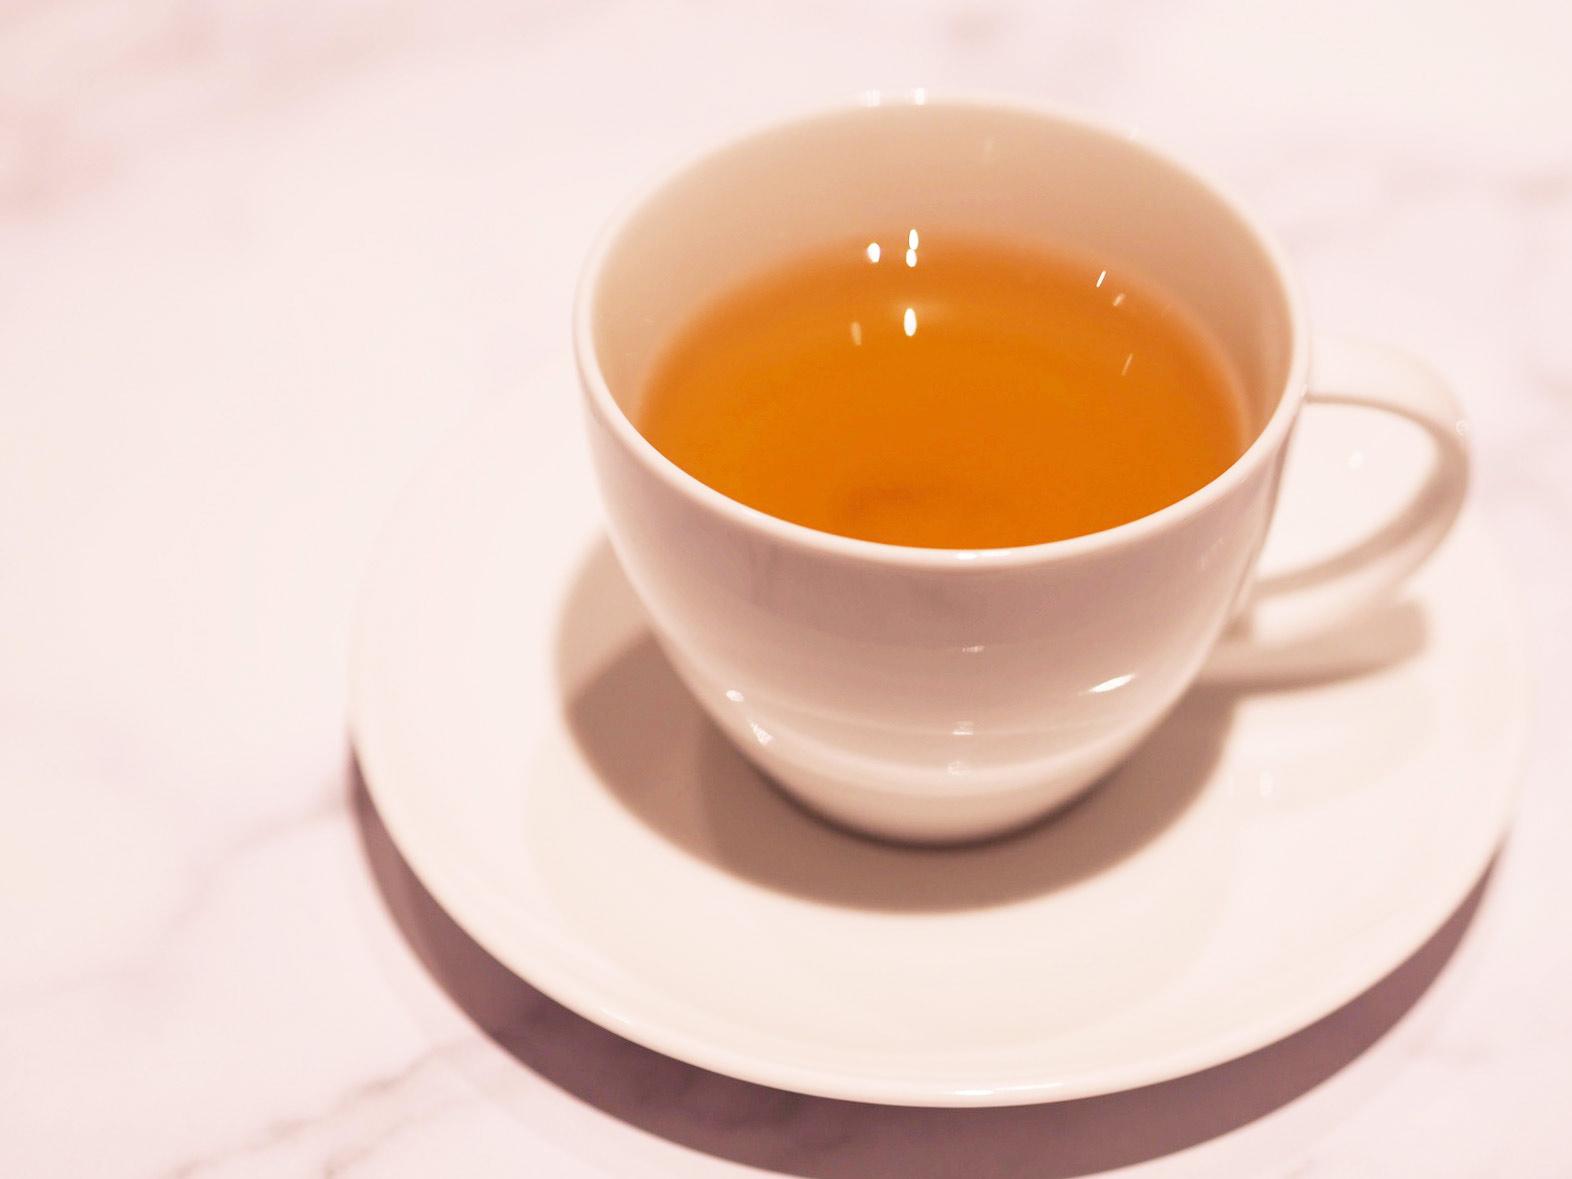 ハーゲンダッツ抹茶サロン 抹茶入り緑茶